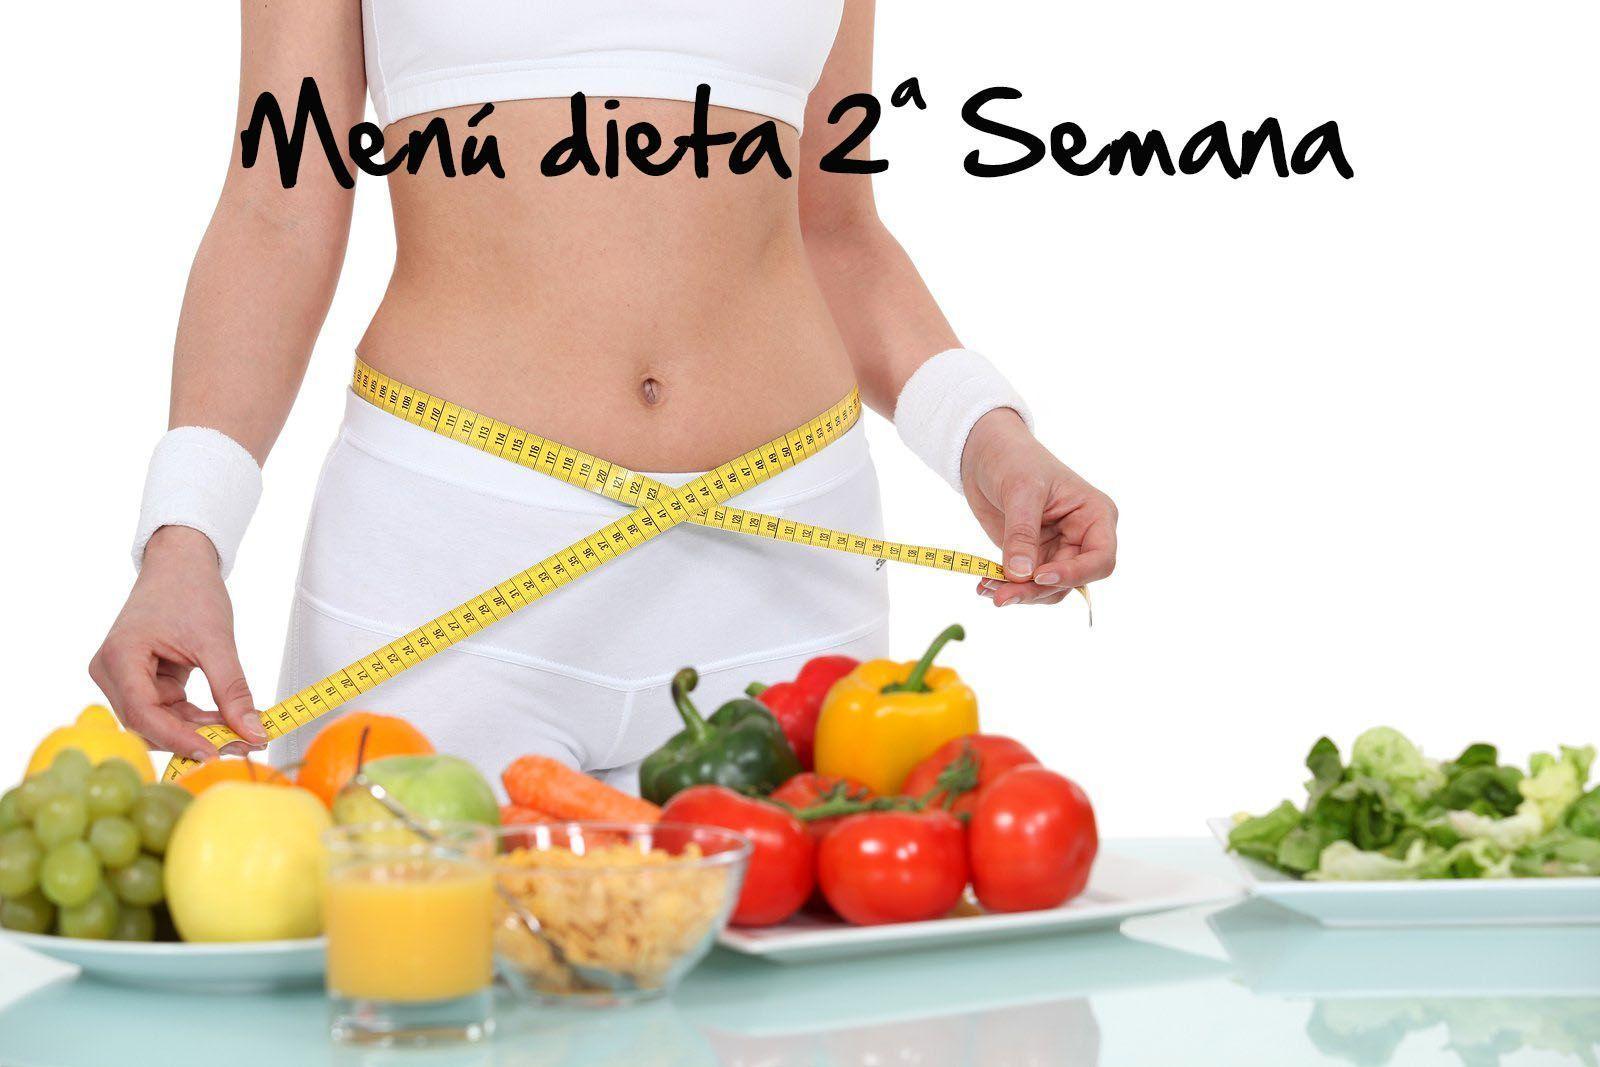 dieta para bajar de peso saludable